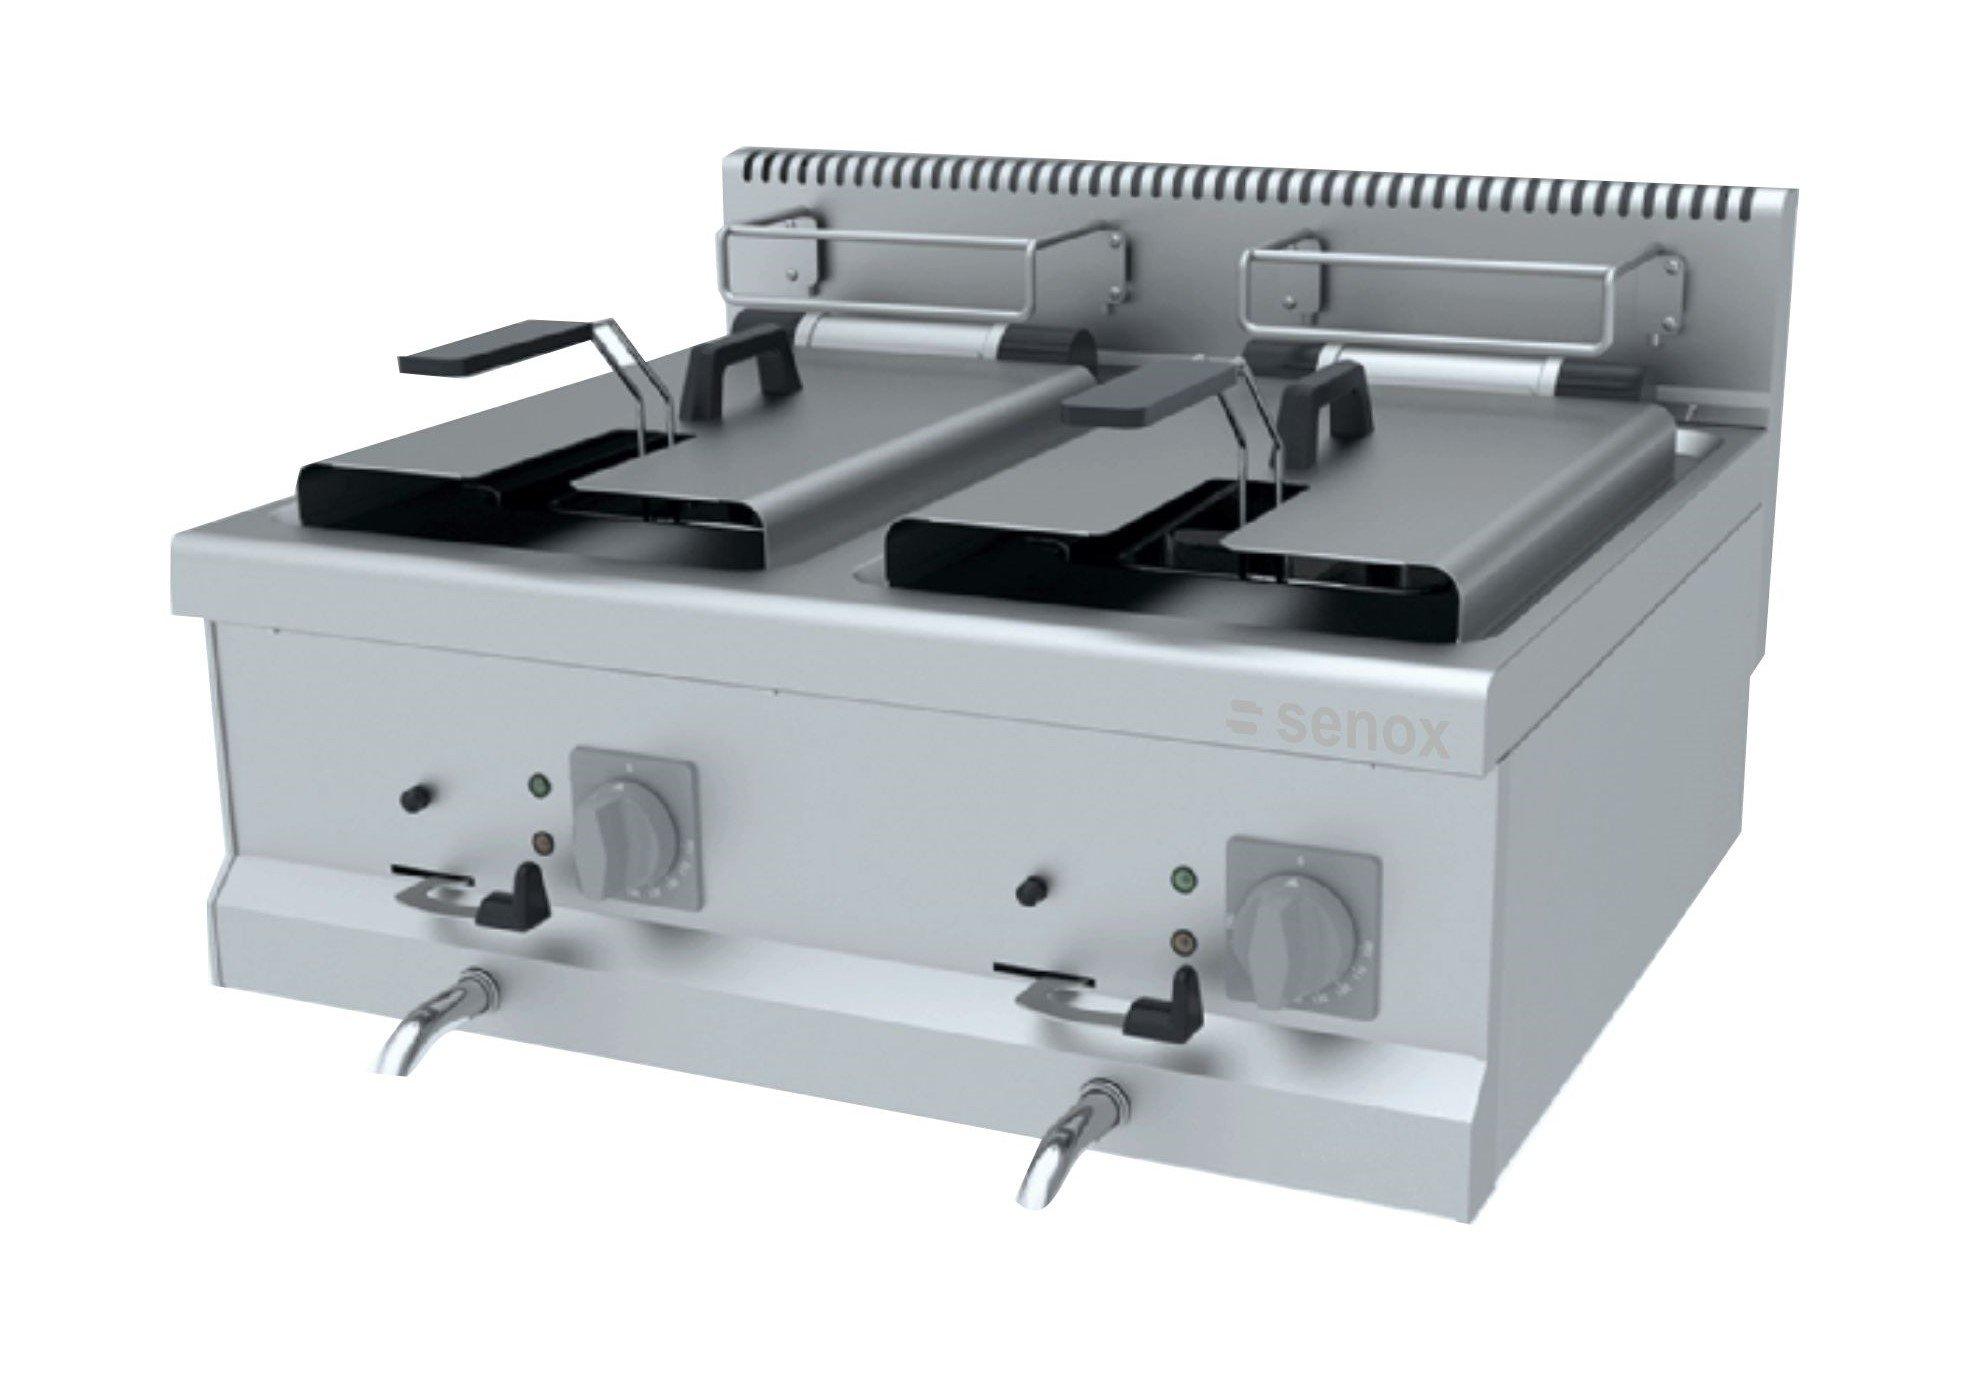 senox-aef-870